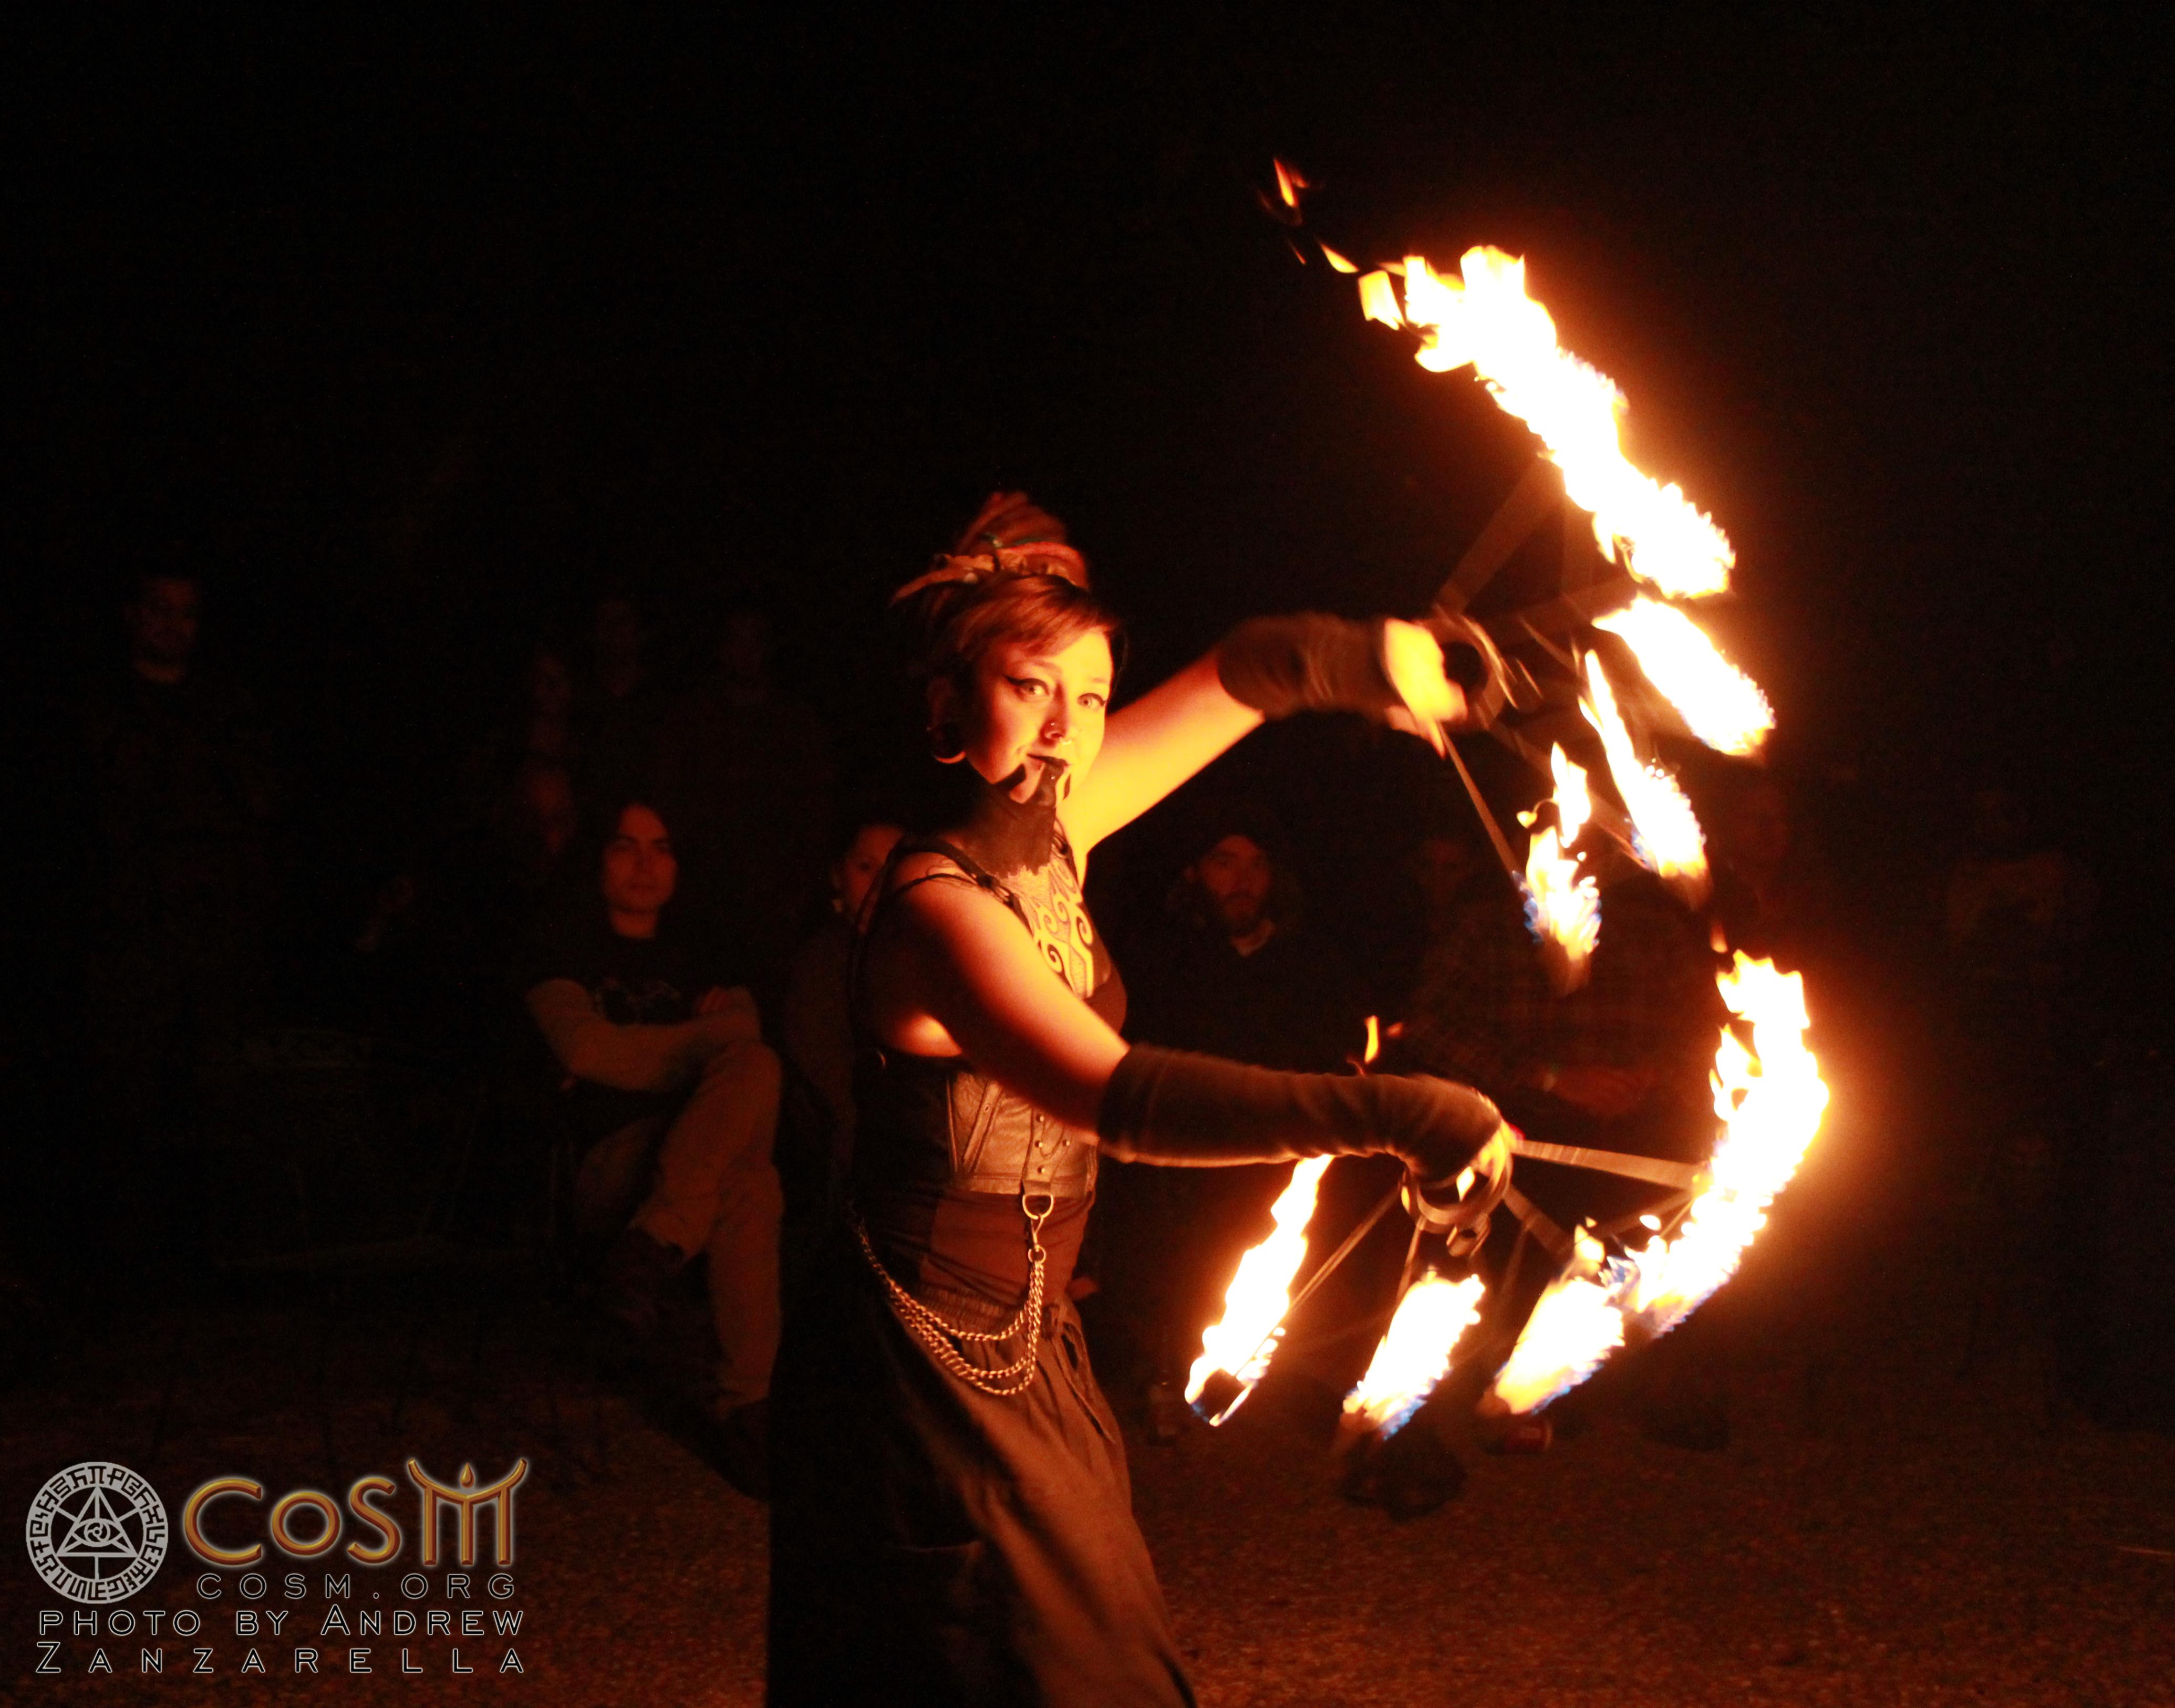 erica bansen fire fans